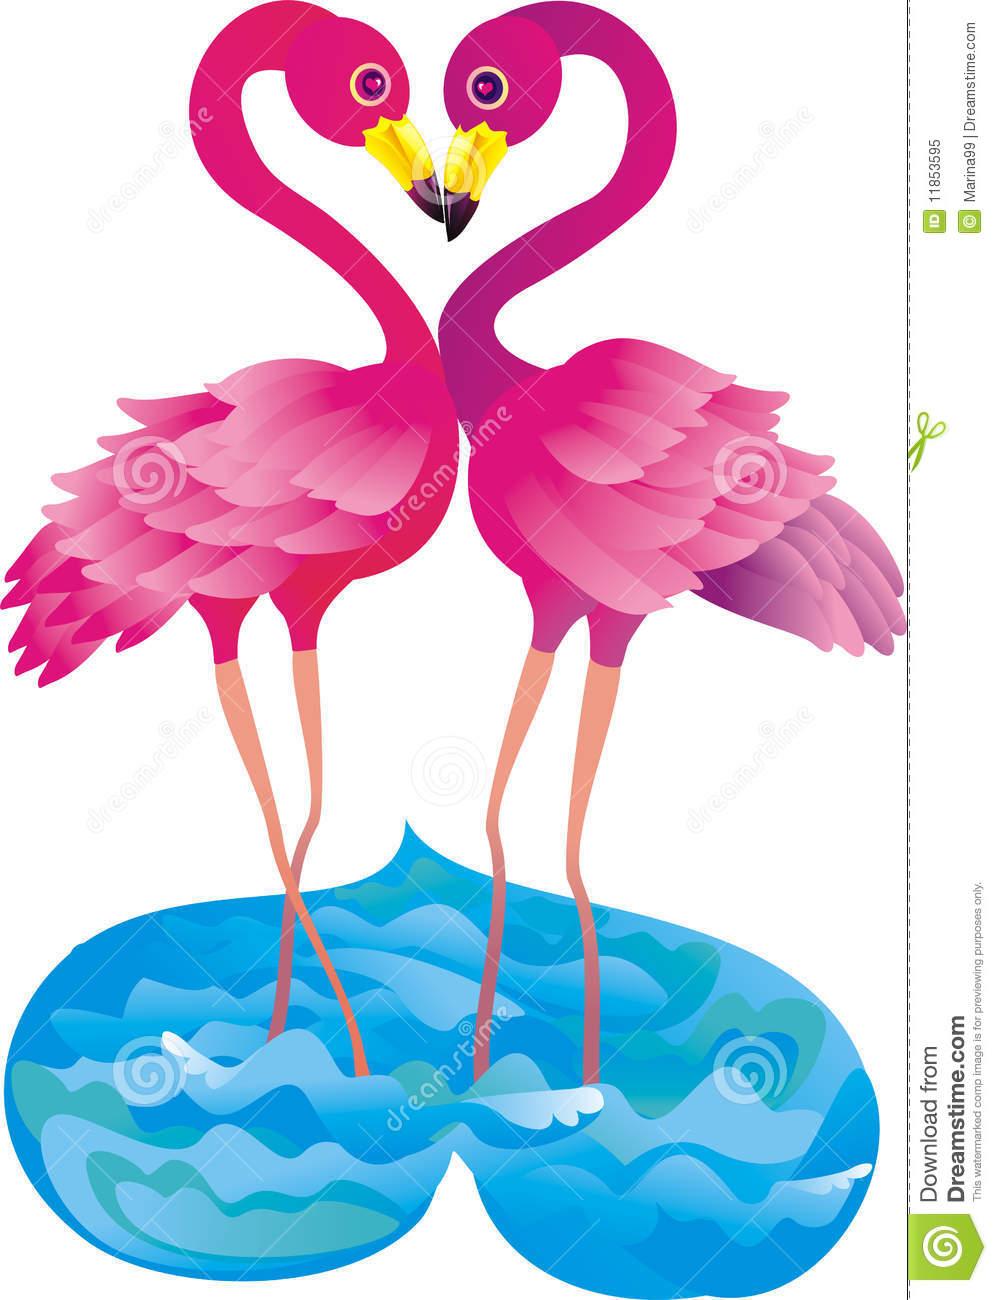 garden flamingo clipart 2. flamingo clip art. flamingo clip.